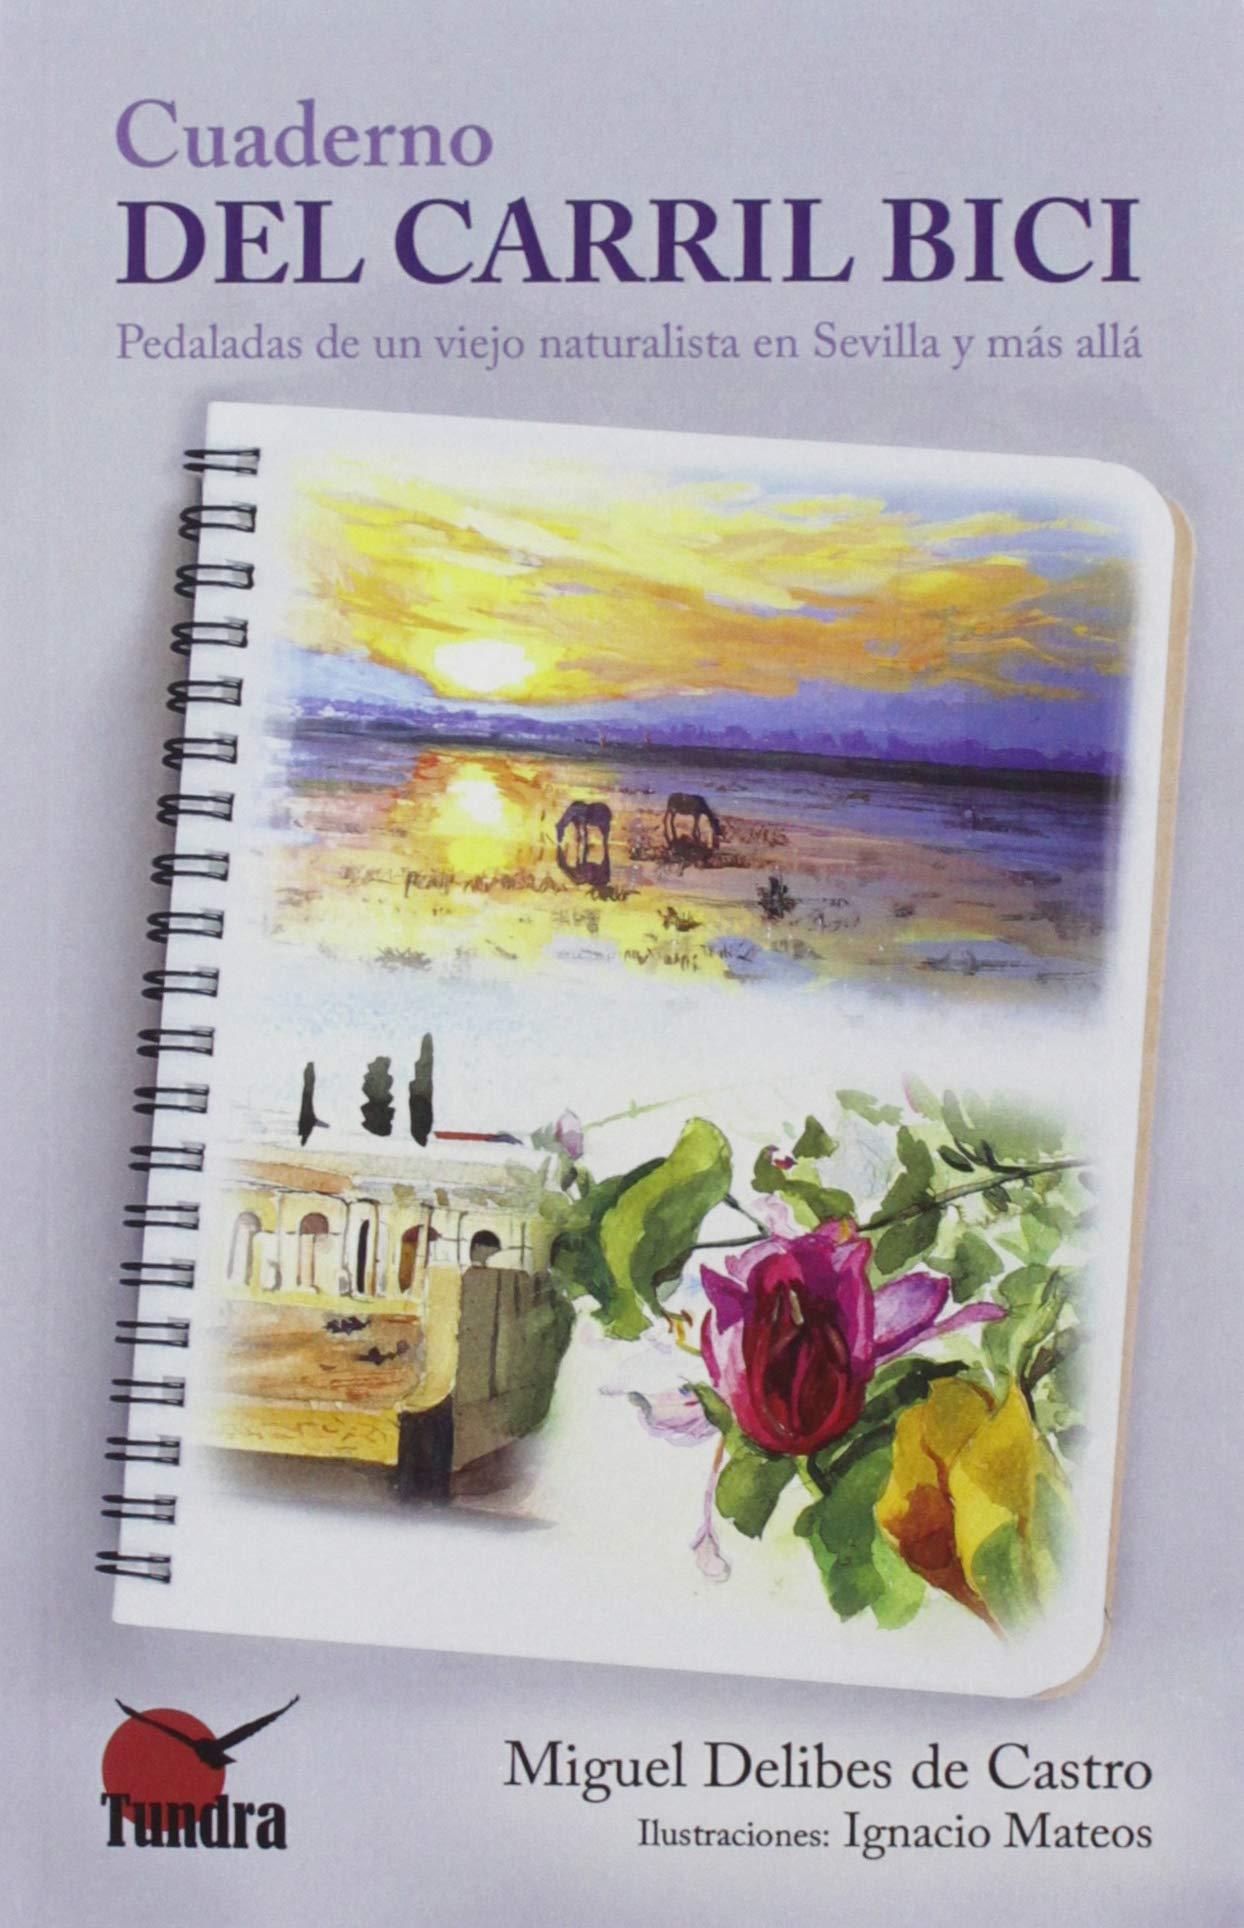 Cuderno Del Carril Bici: Amazon.es: Miguel Delibes De Castro: Libros